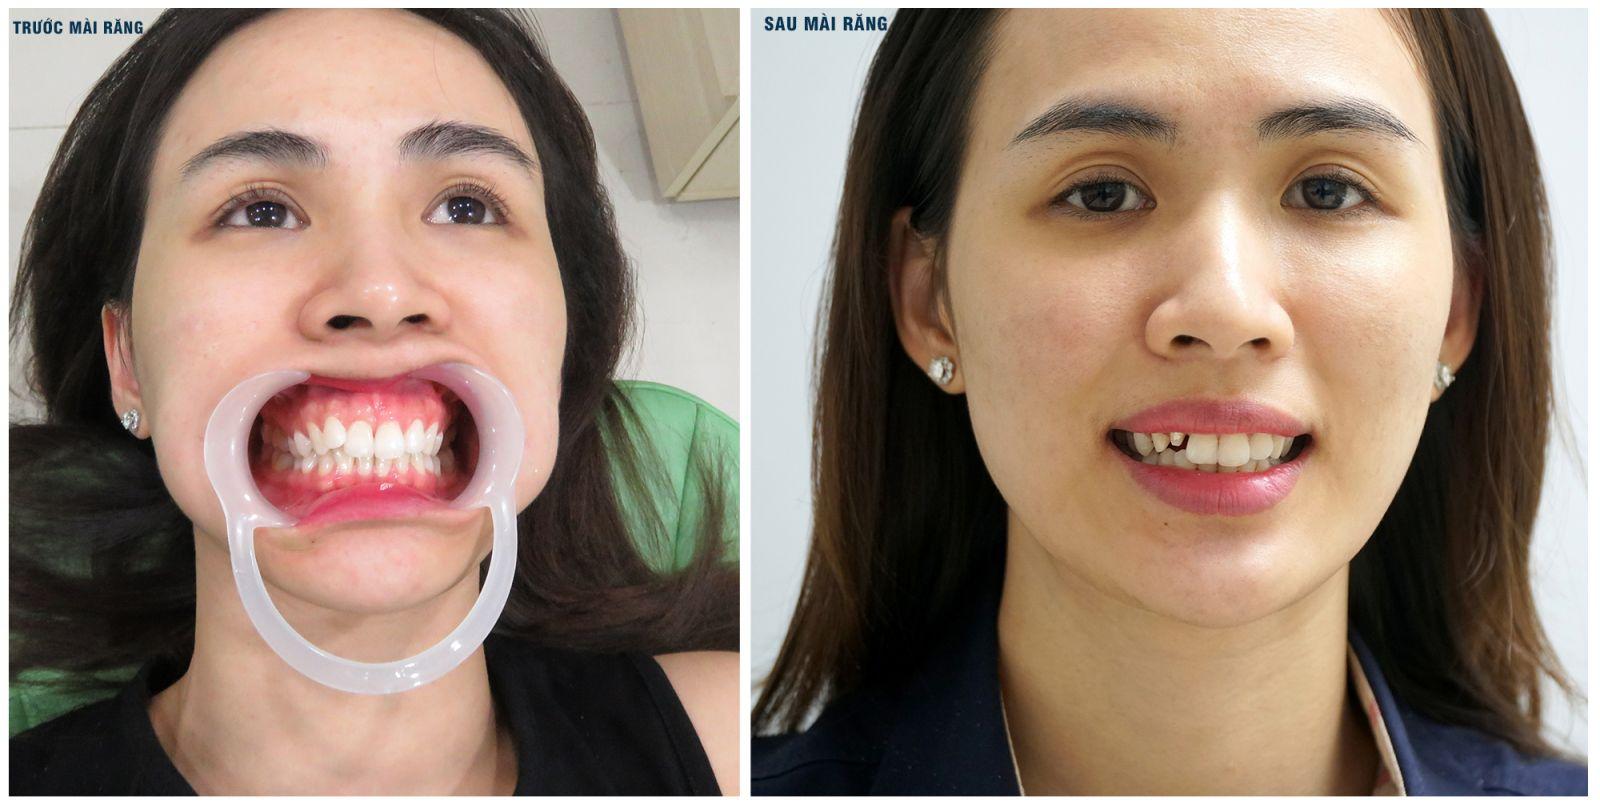 Nữ MC quyết định thay thế chiếc răng khểnh bằng cách bọc răng sứ